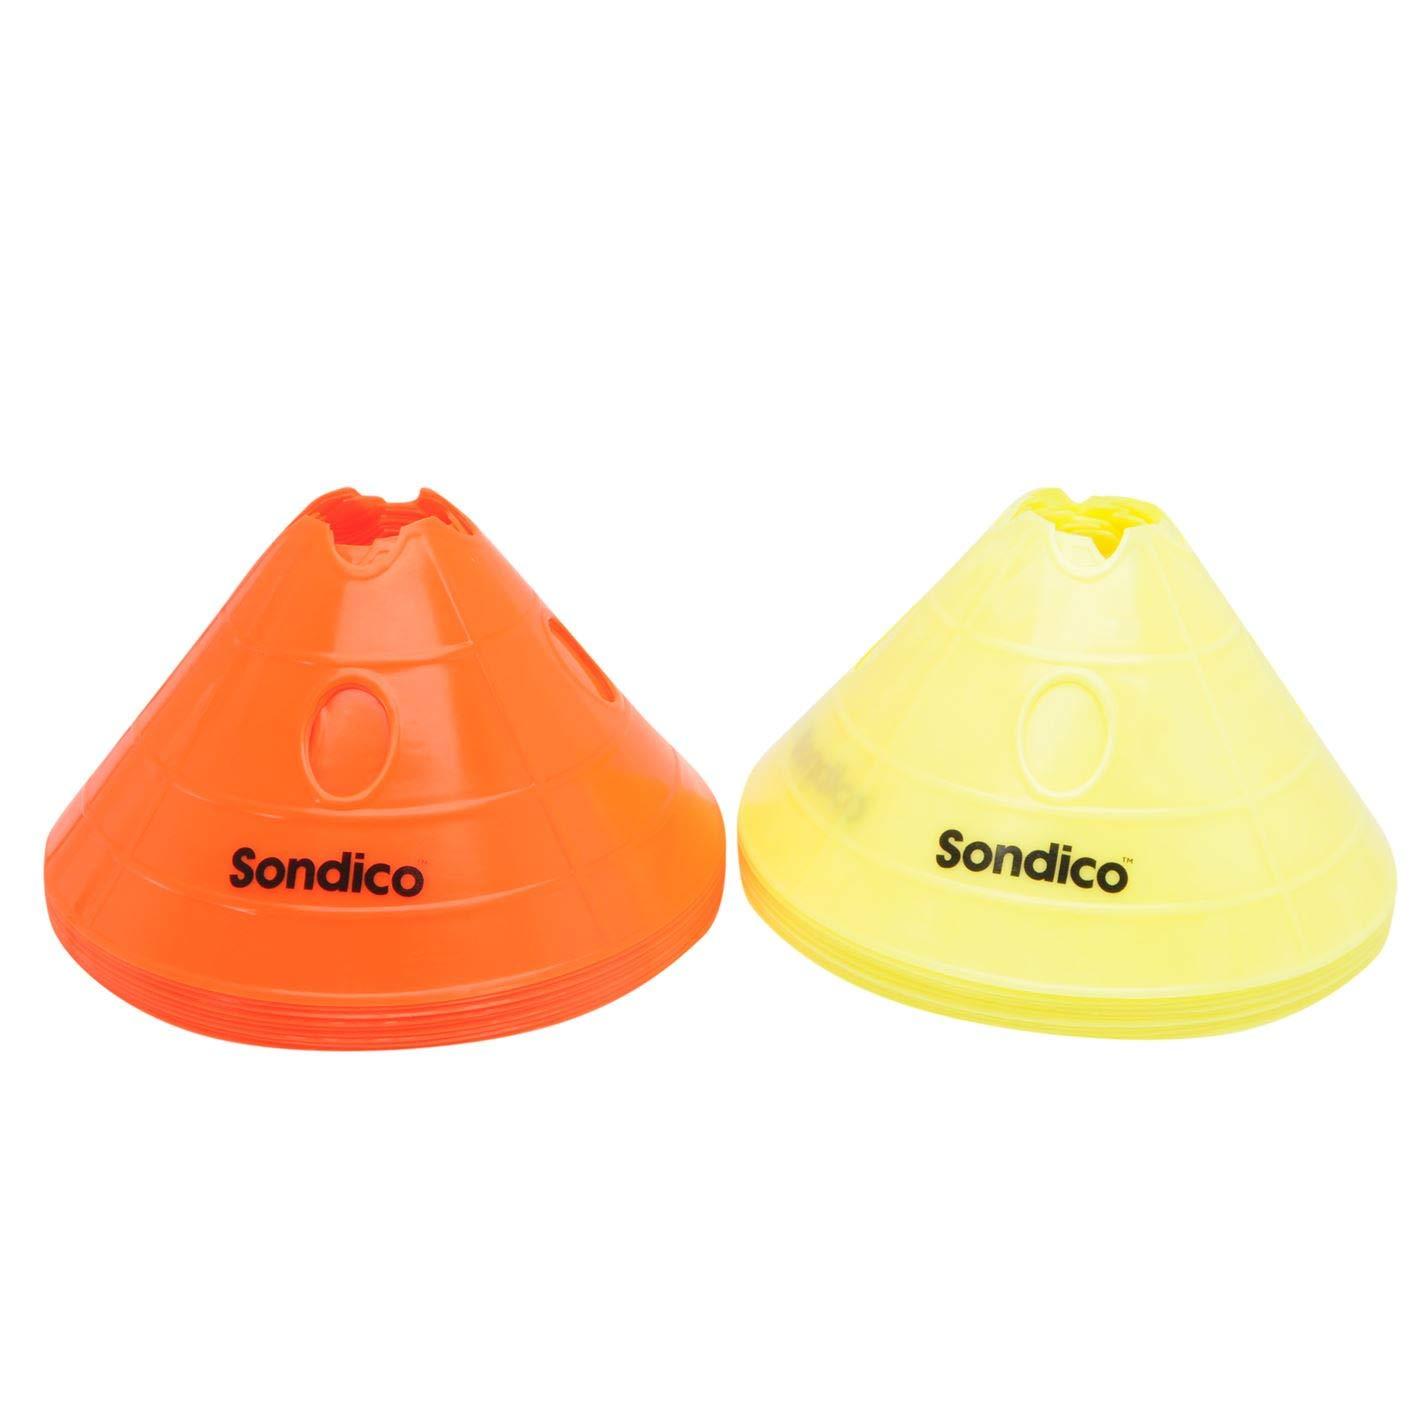 Sondico Unisex Superdomes Set Gift Training Multi One Size